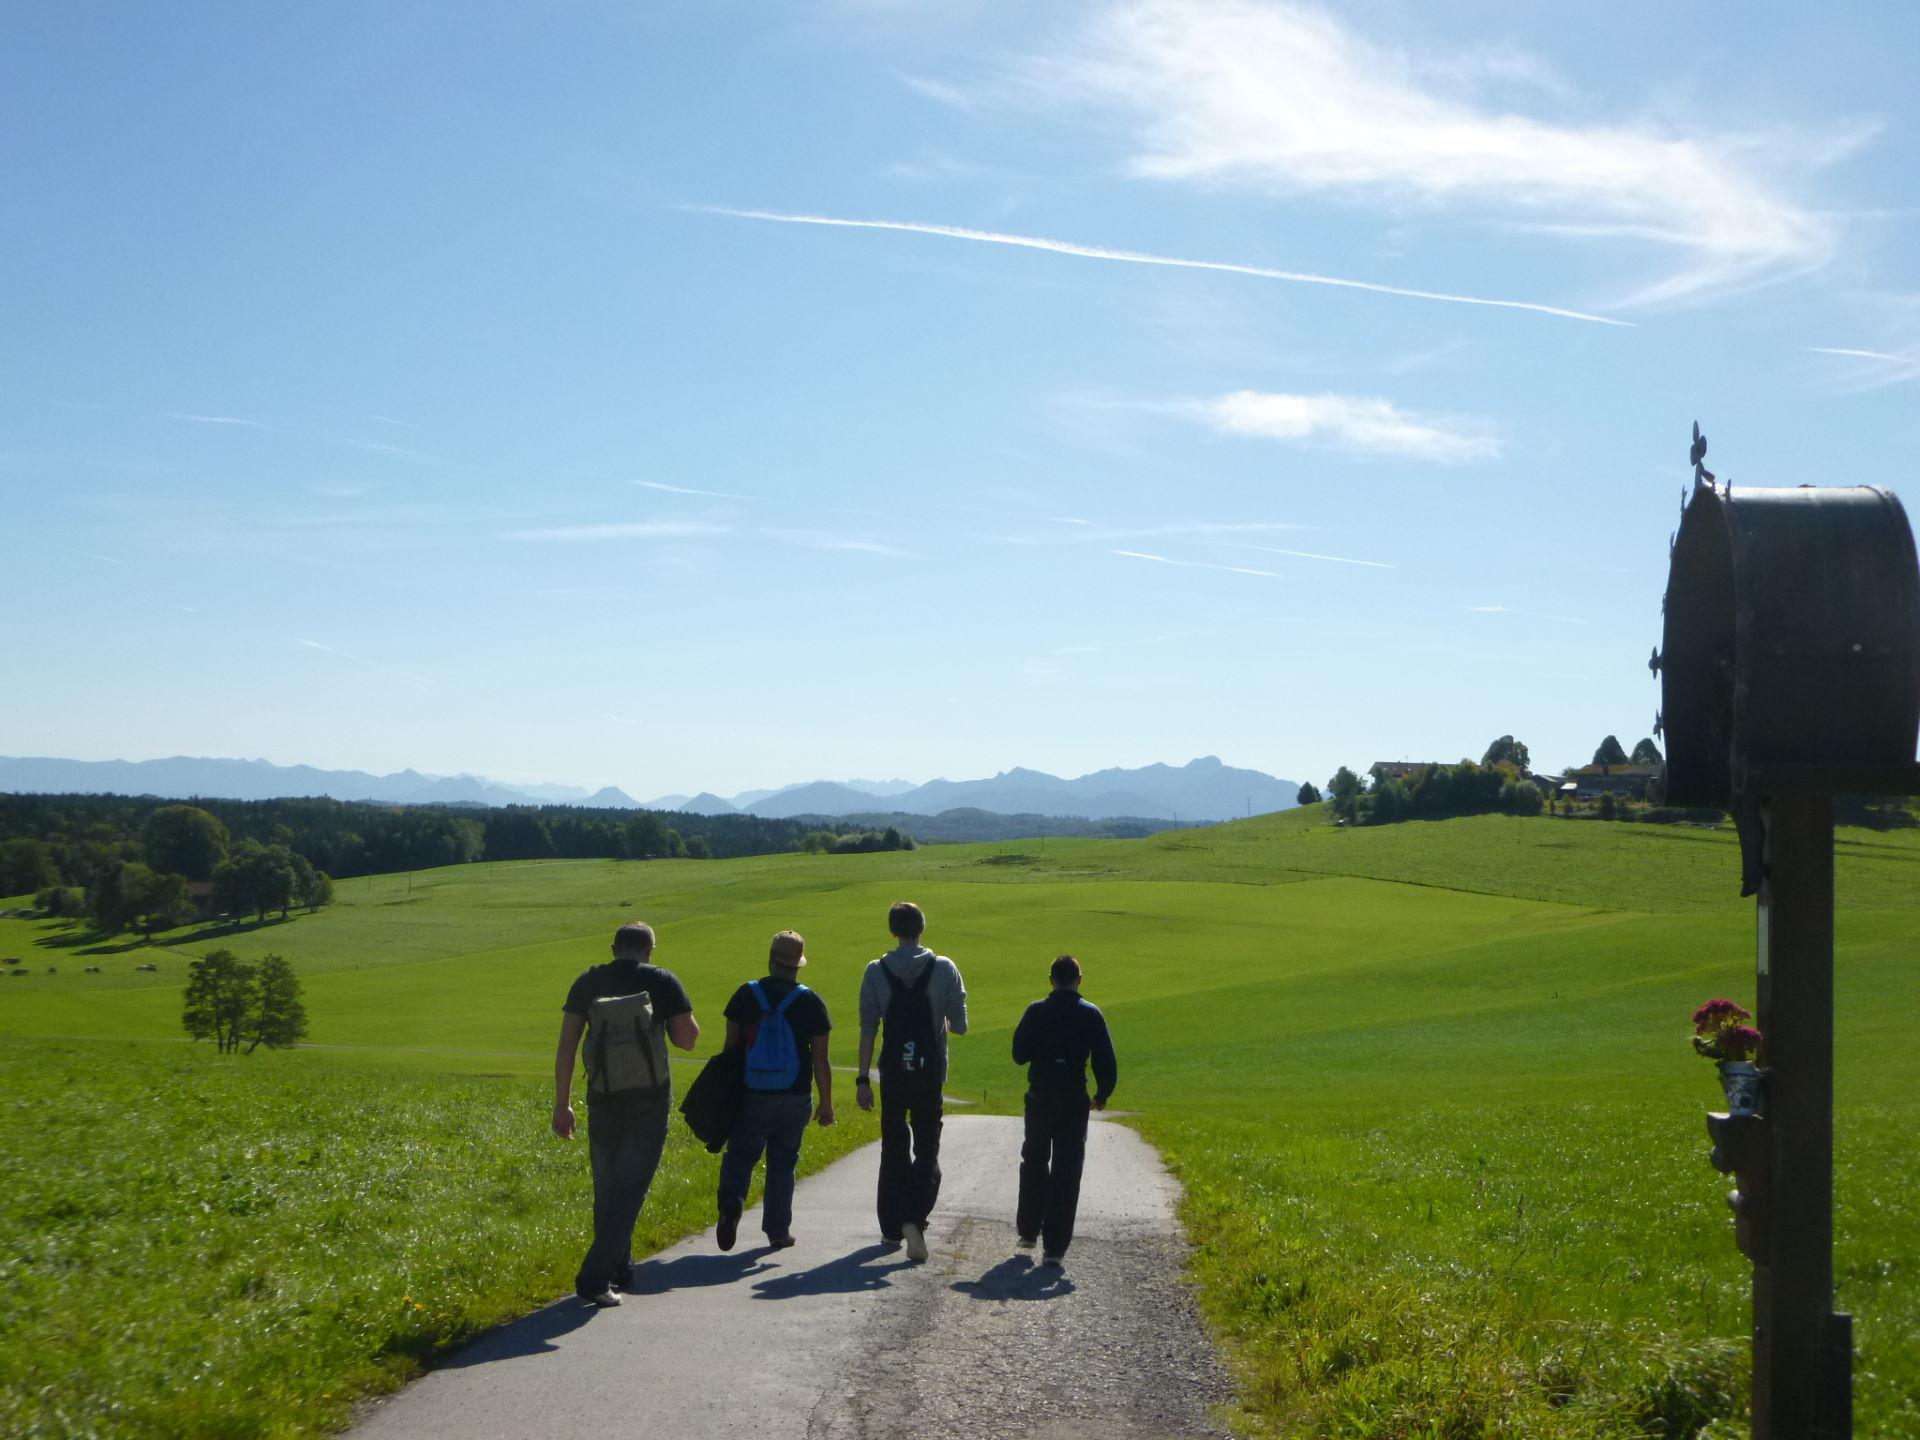 4 Jugendliche auf einem Wanderweg